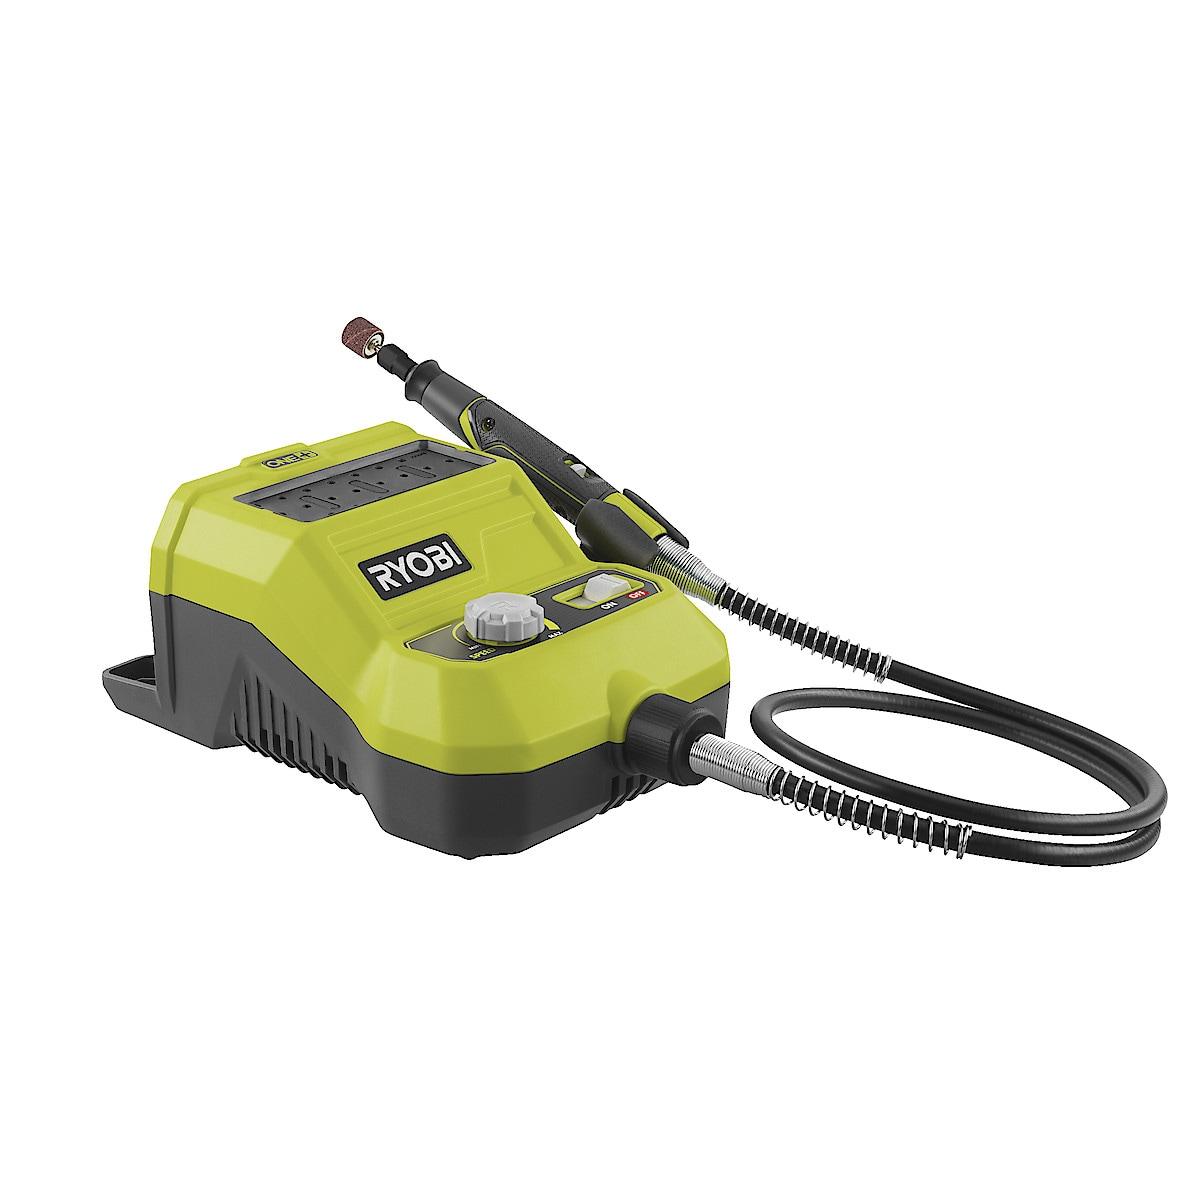 Støvsuger Ryobi R18PV 0 ONE+; 18 V (uten batteri og lader